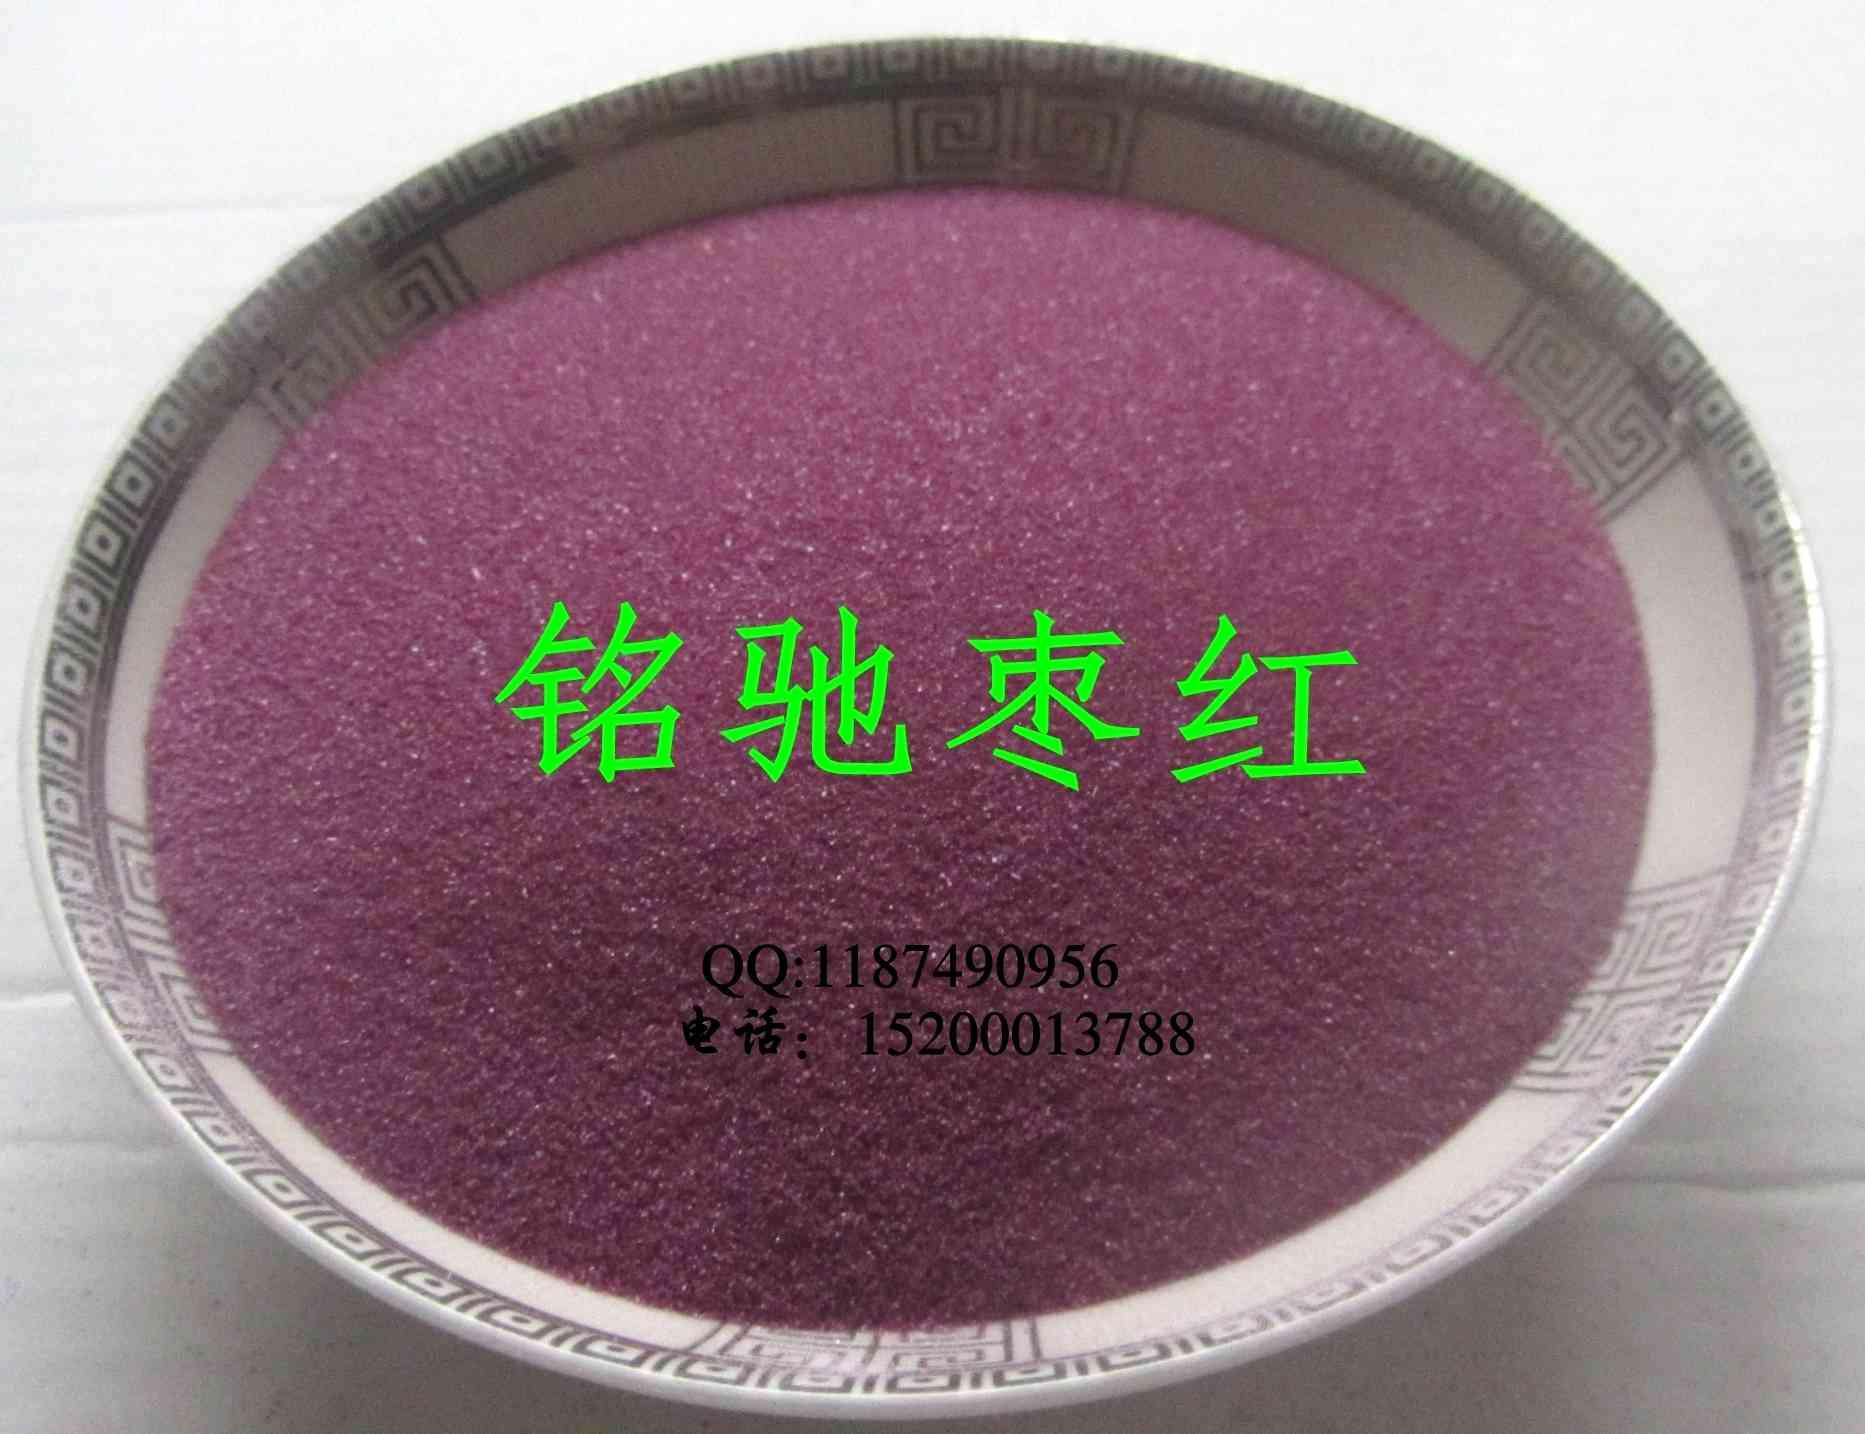 重庆烧结染色彩砂供应 成都染色彩砂 四川彩砂 成都彩砂厂家